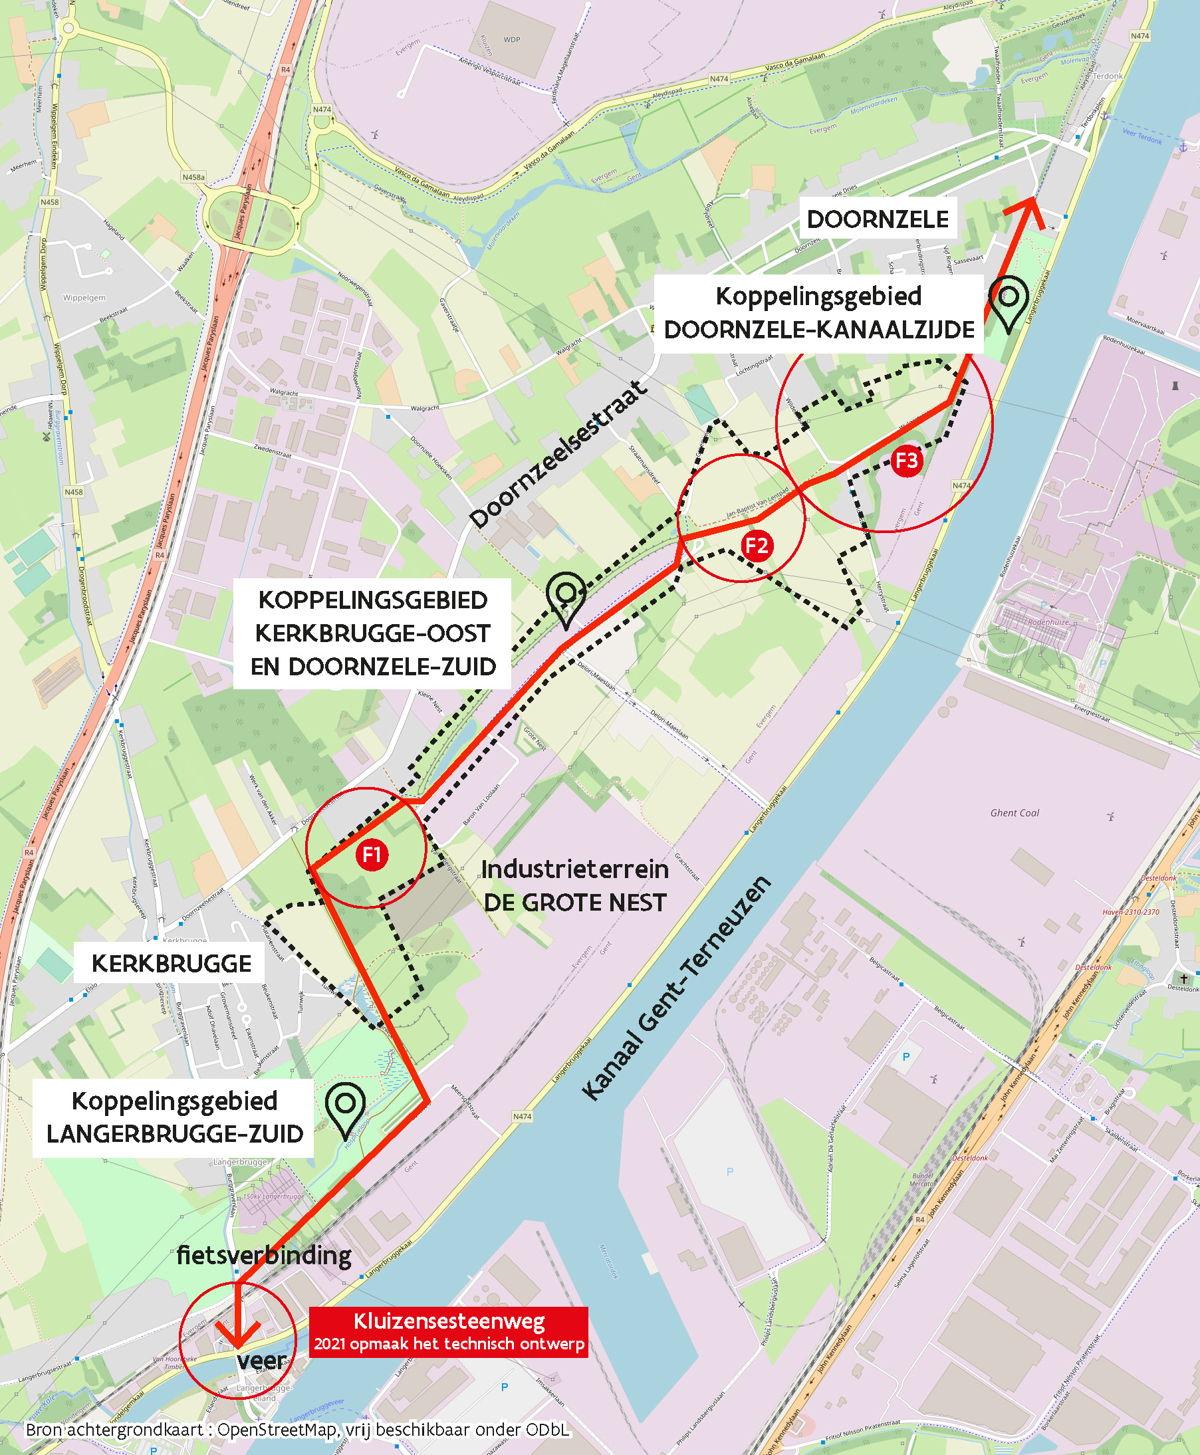 Situeringskaart koppelingsgebieden - fietsverbinding